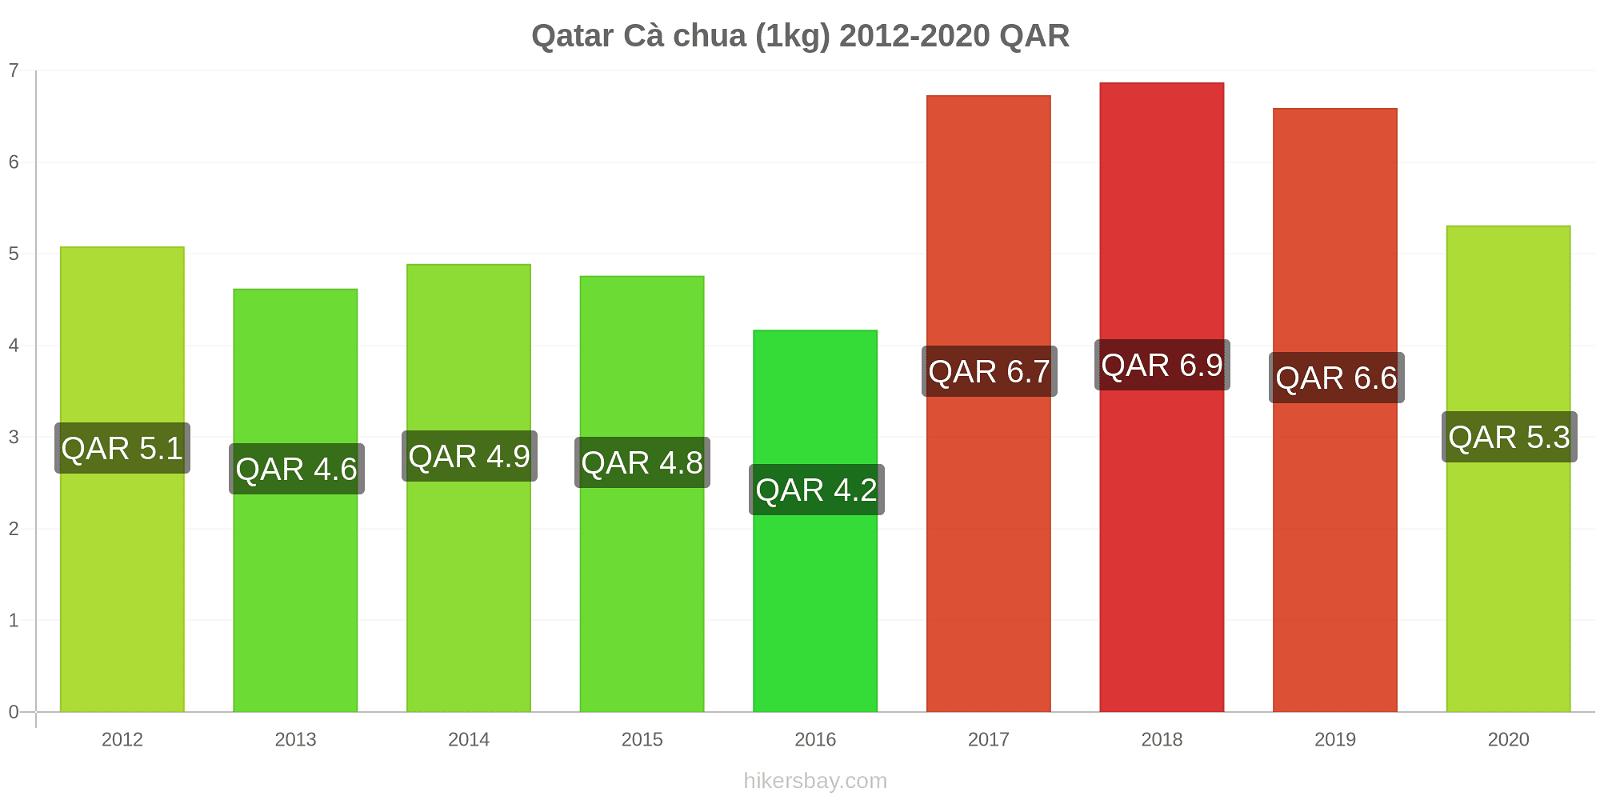 Qatar thay đổi giá Cà chua (1kg) hikersbay.com